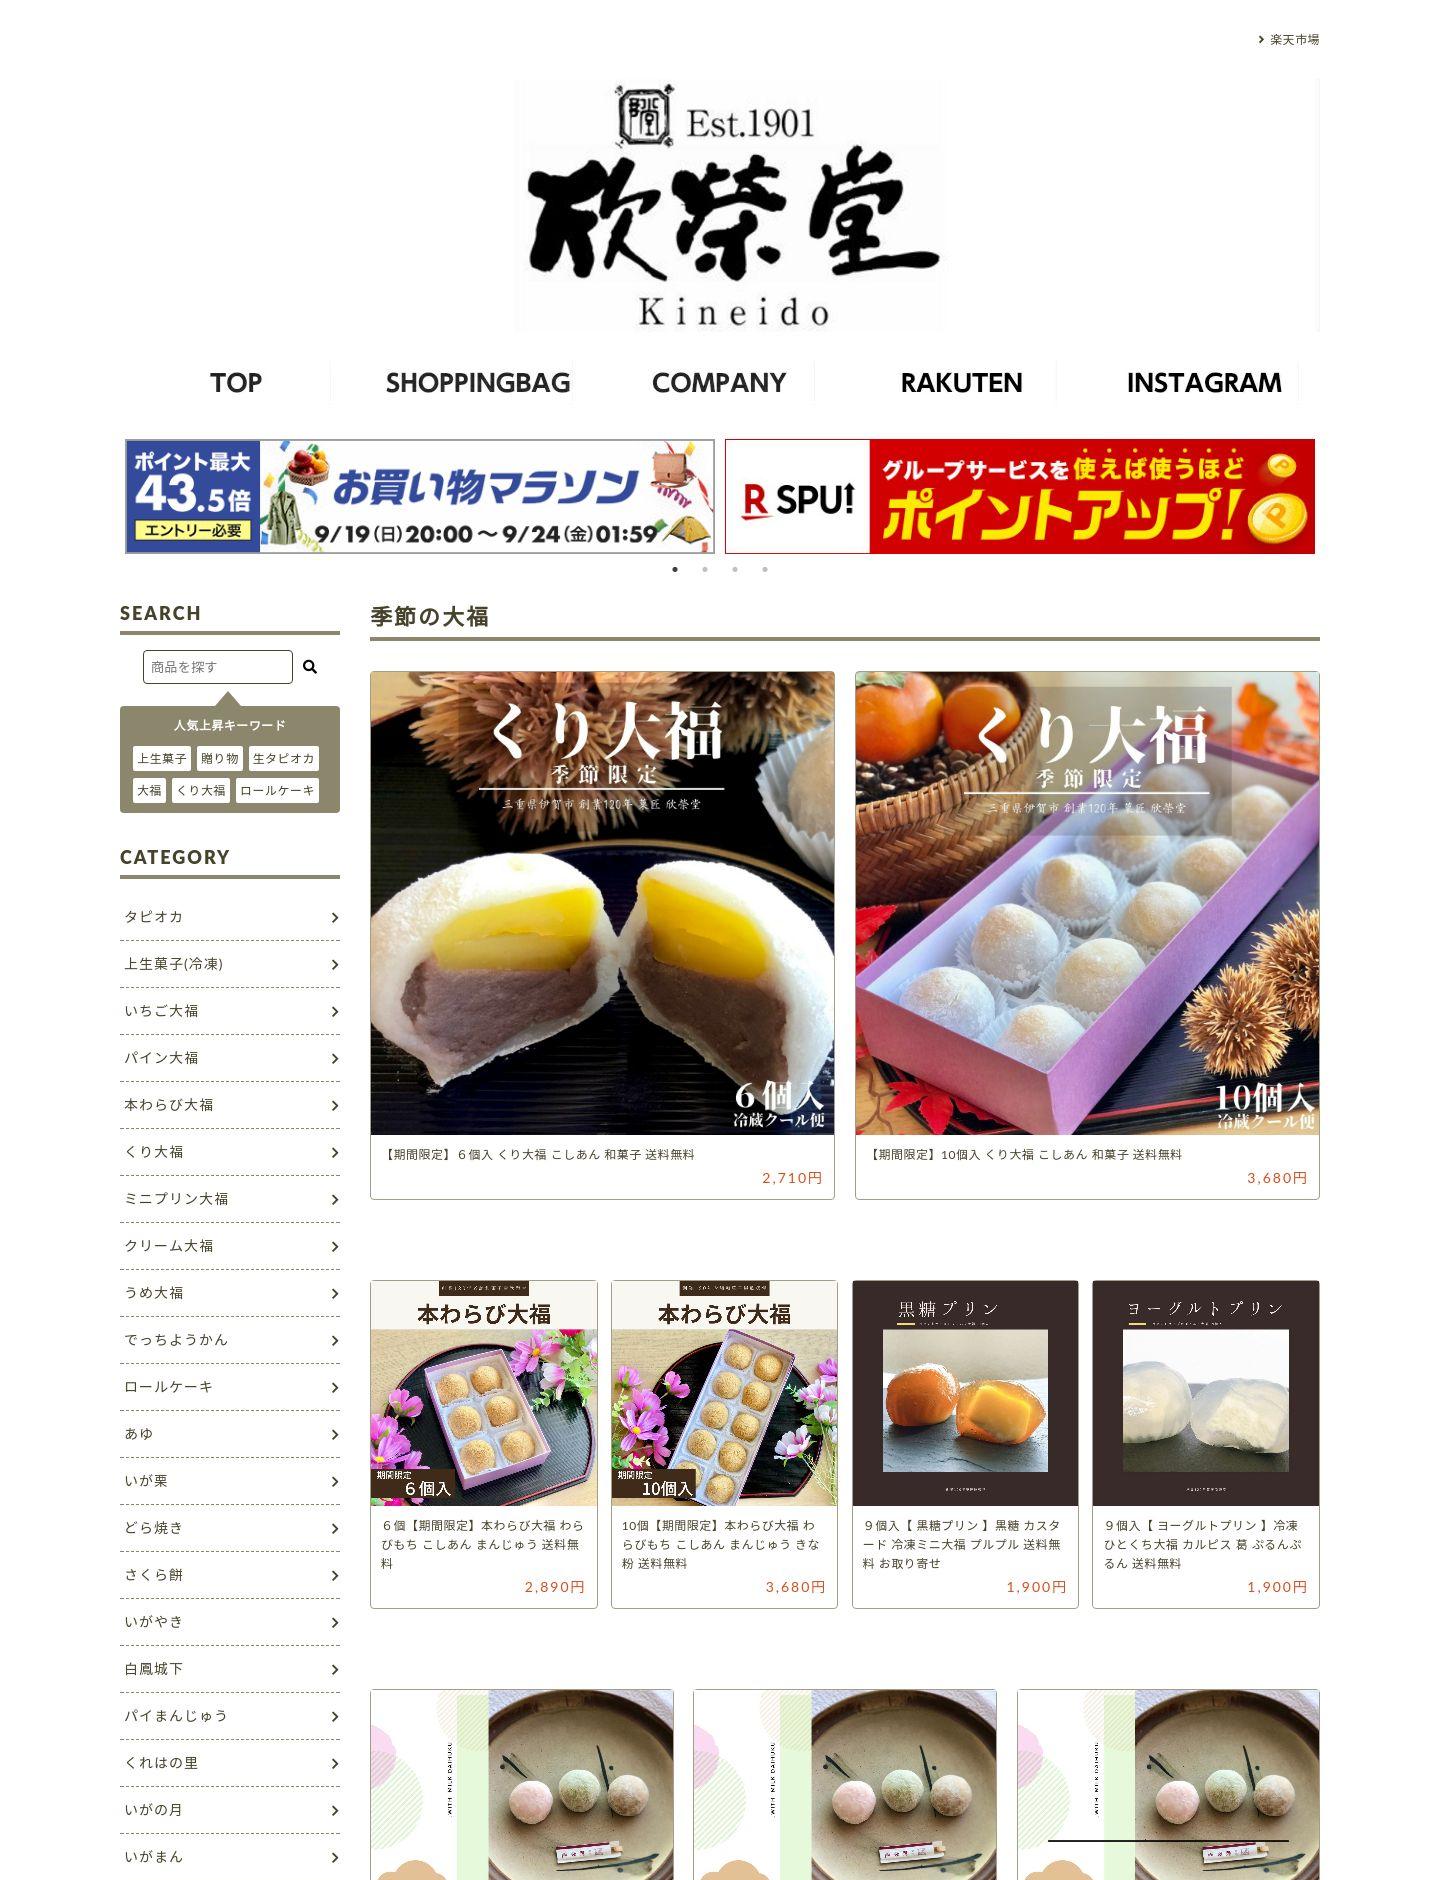 欣榮堂様 サイト画像